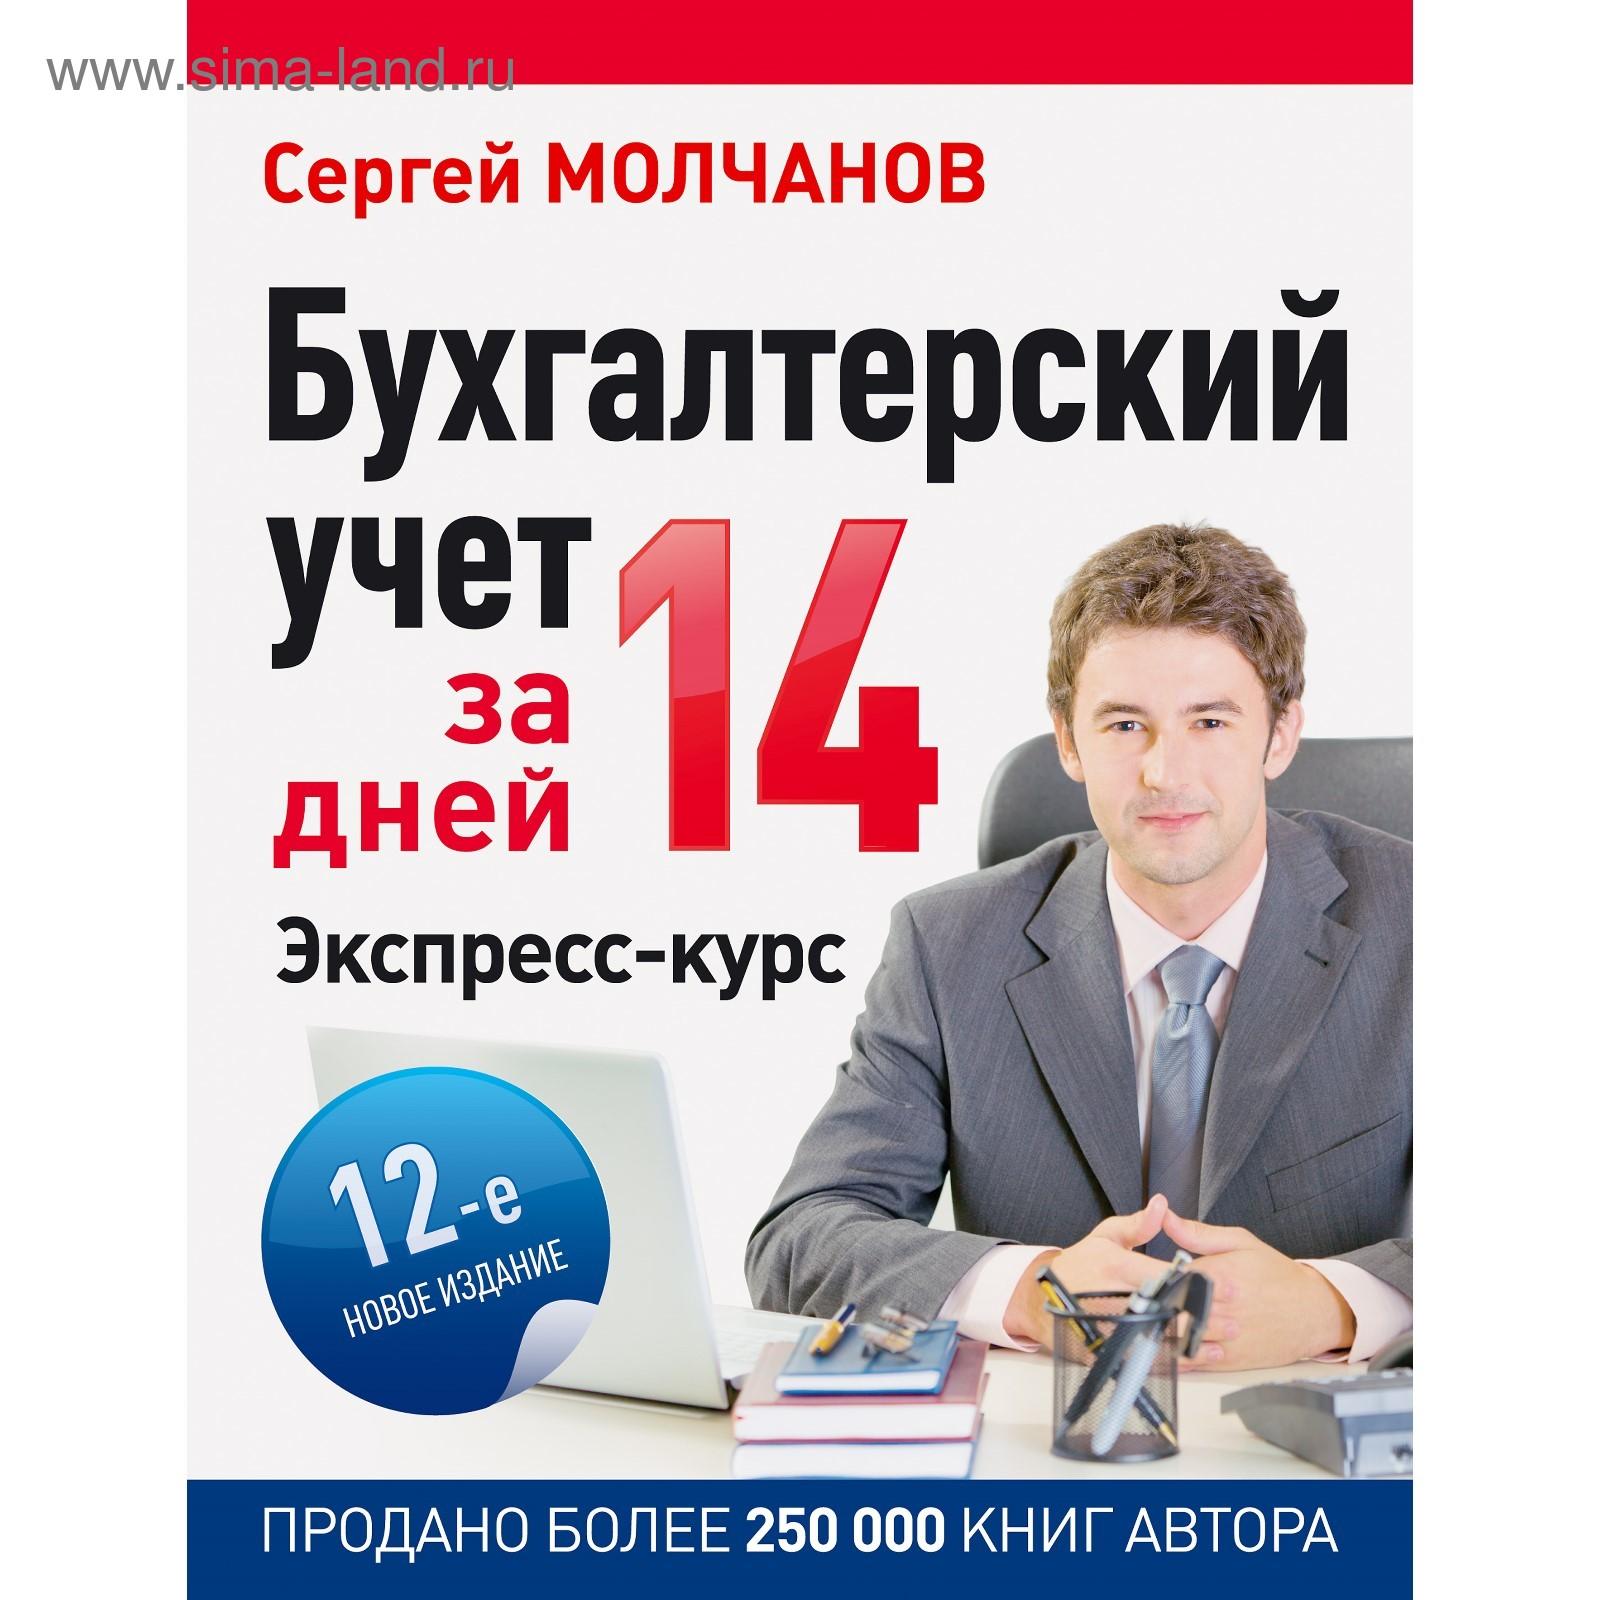 Бухгалтерия для интернет магазина курсы начисление отпускных в 1с 8.2 бухгалтерия